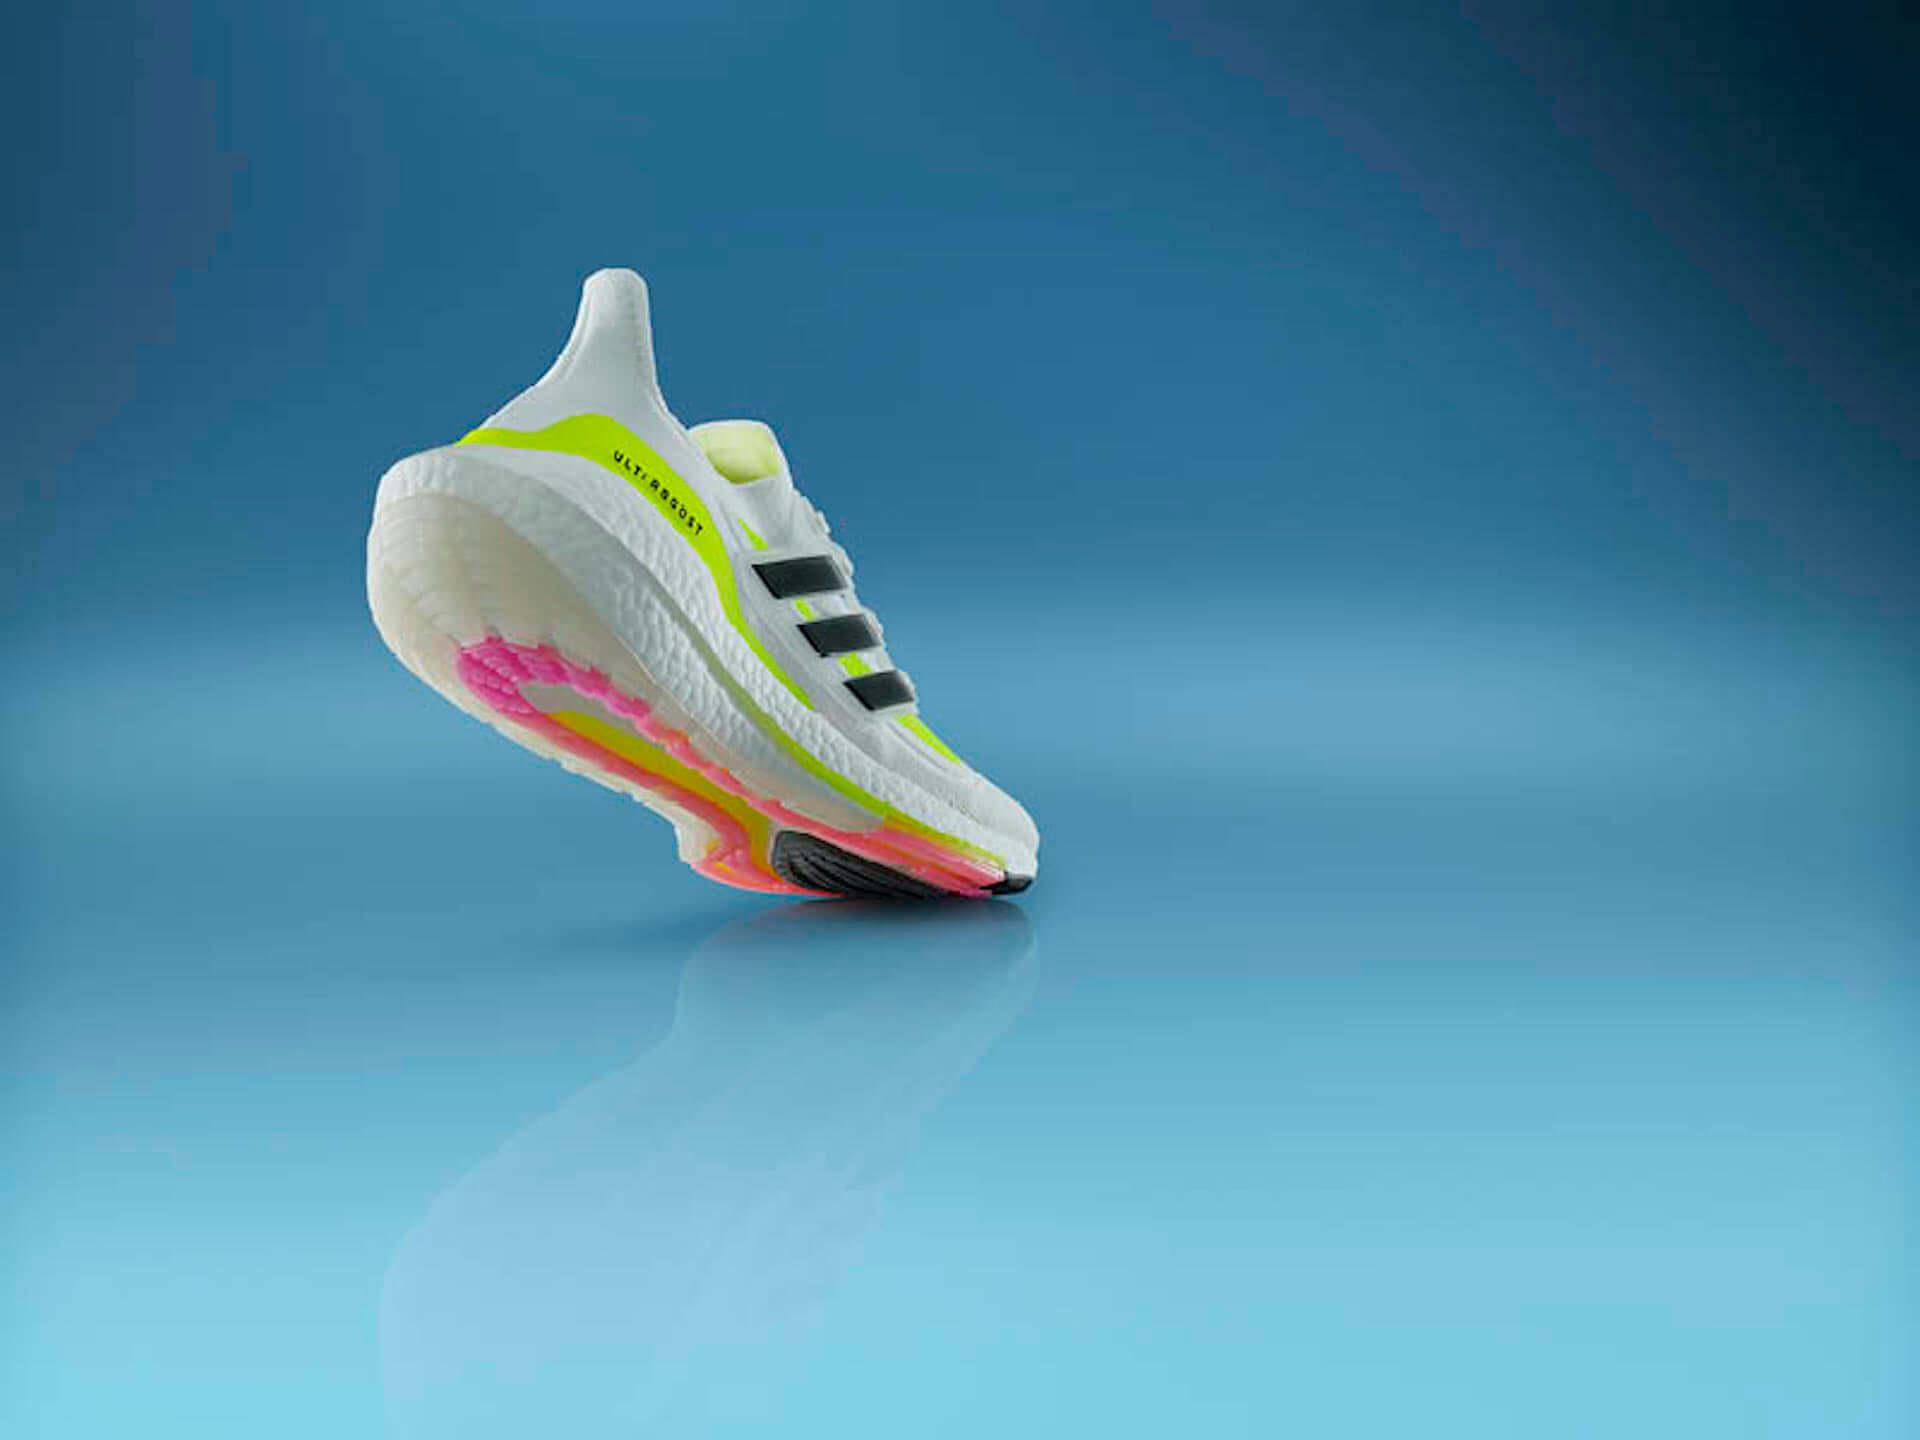 アディダスを象徴するプレミアムランニングシューズが進化!軽量性・クッショニングに優れた最新モデル『Ultraboost 21』が登場 lf210115_adidas_8-1920x1440